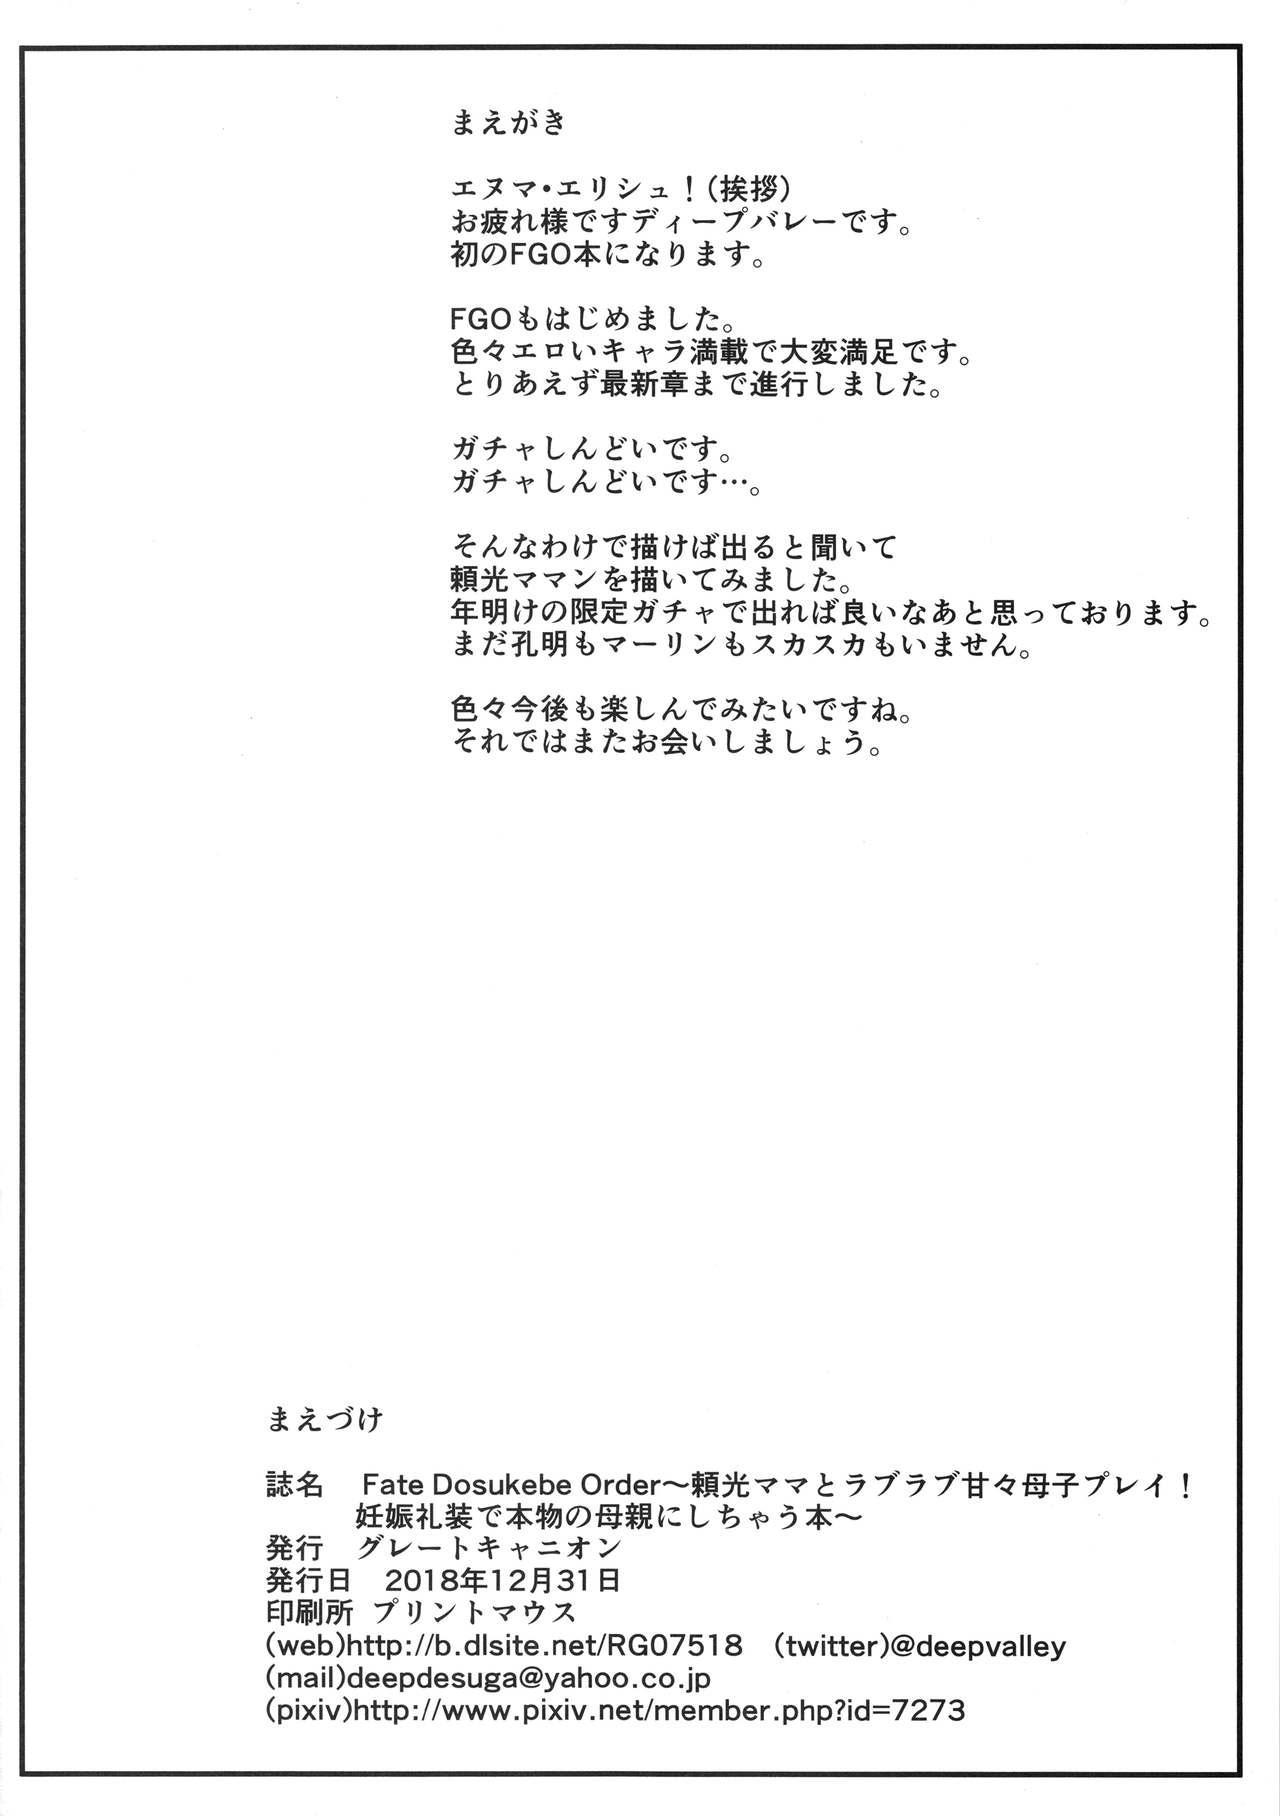 Fate Dosukebe Order 2